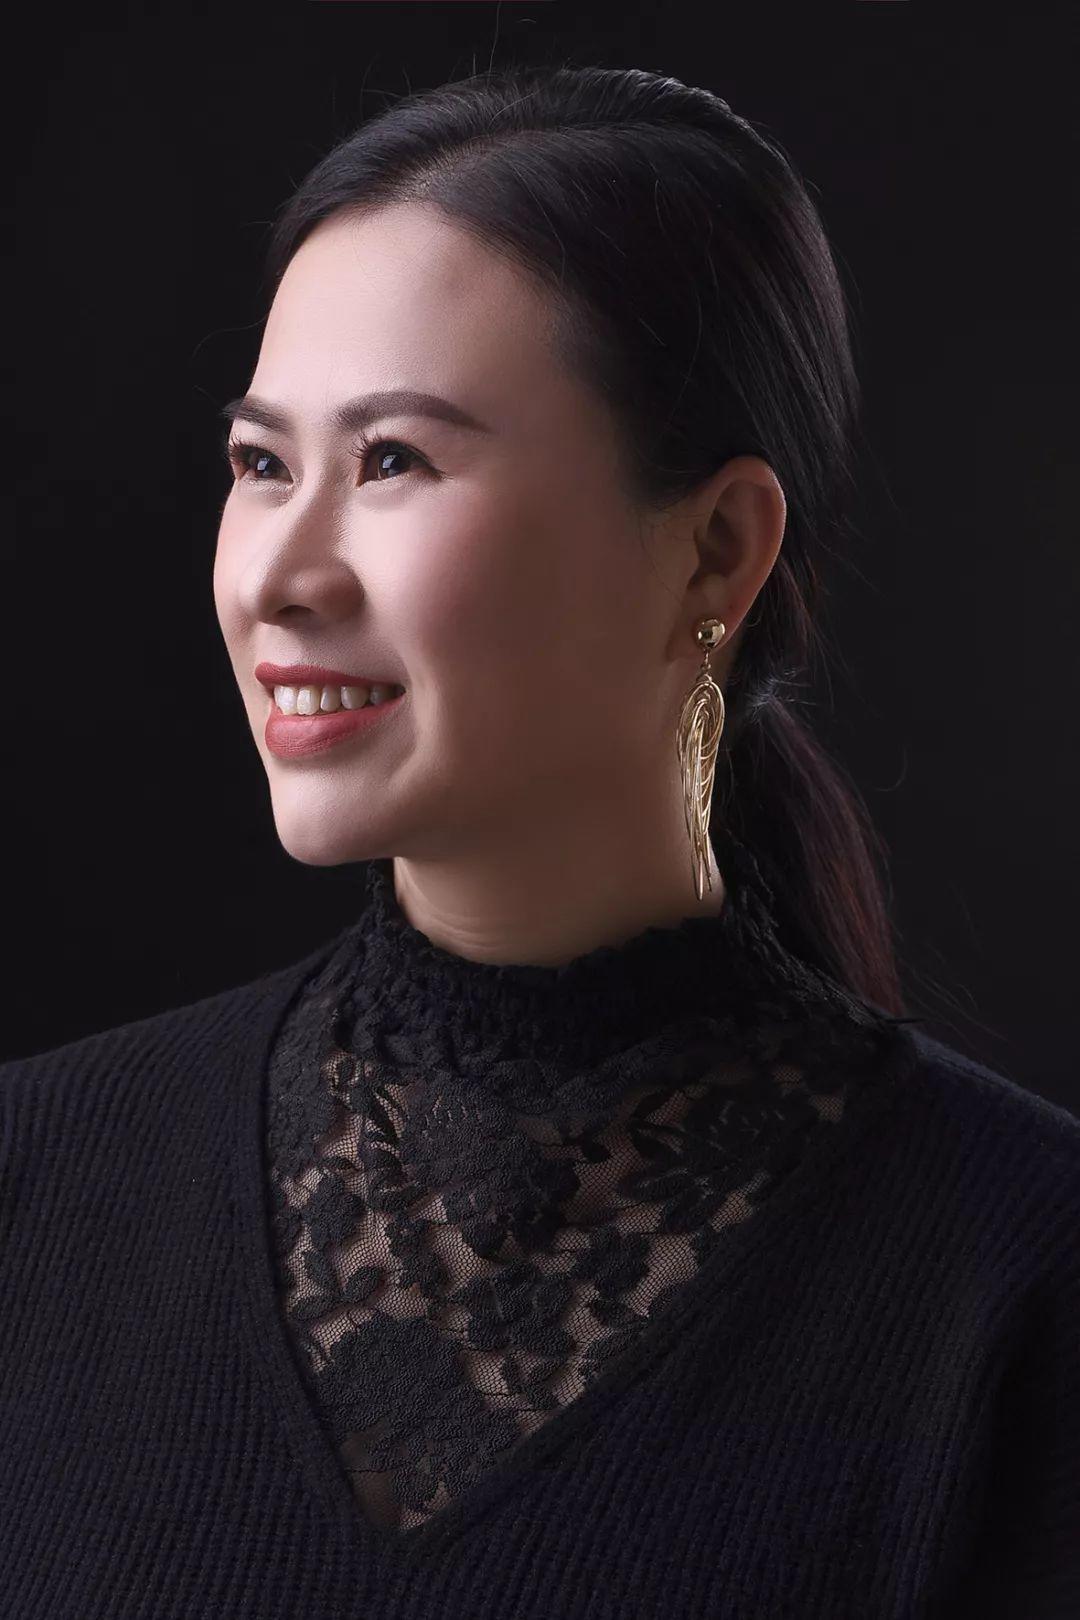 吴越学校2018年最美老师评选活动开始啦!